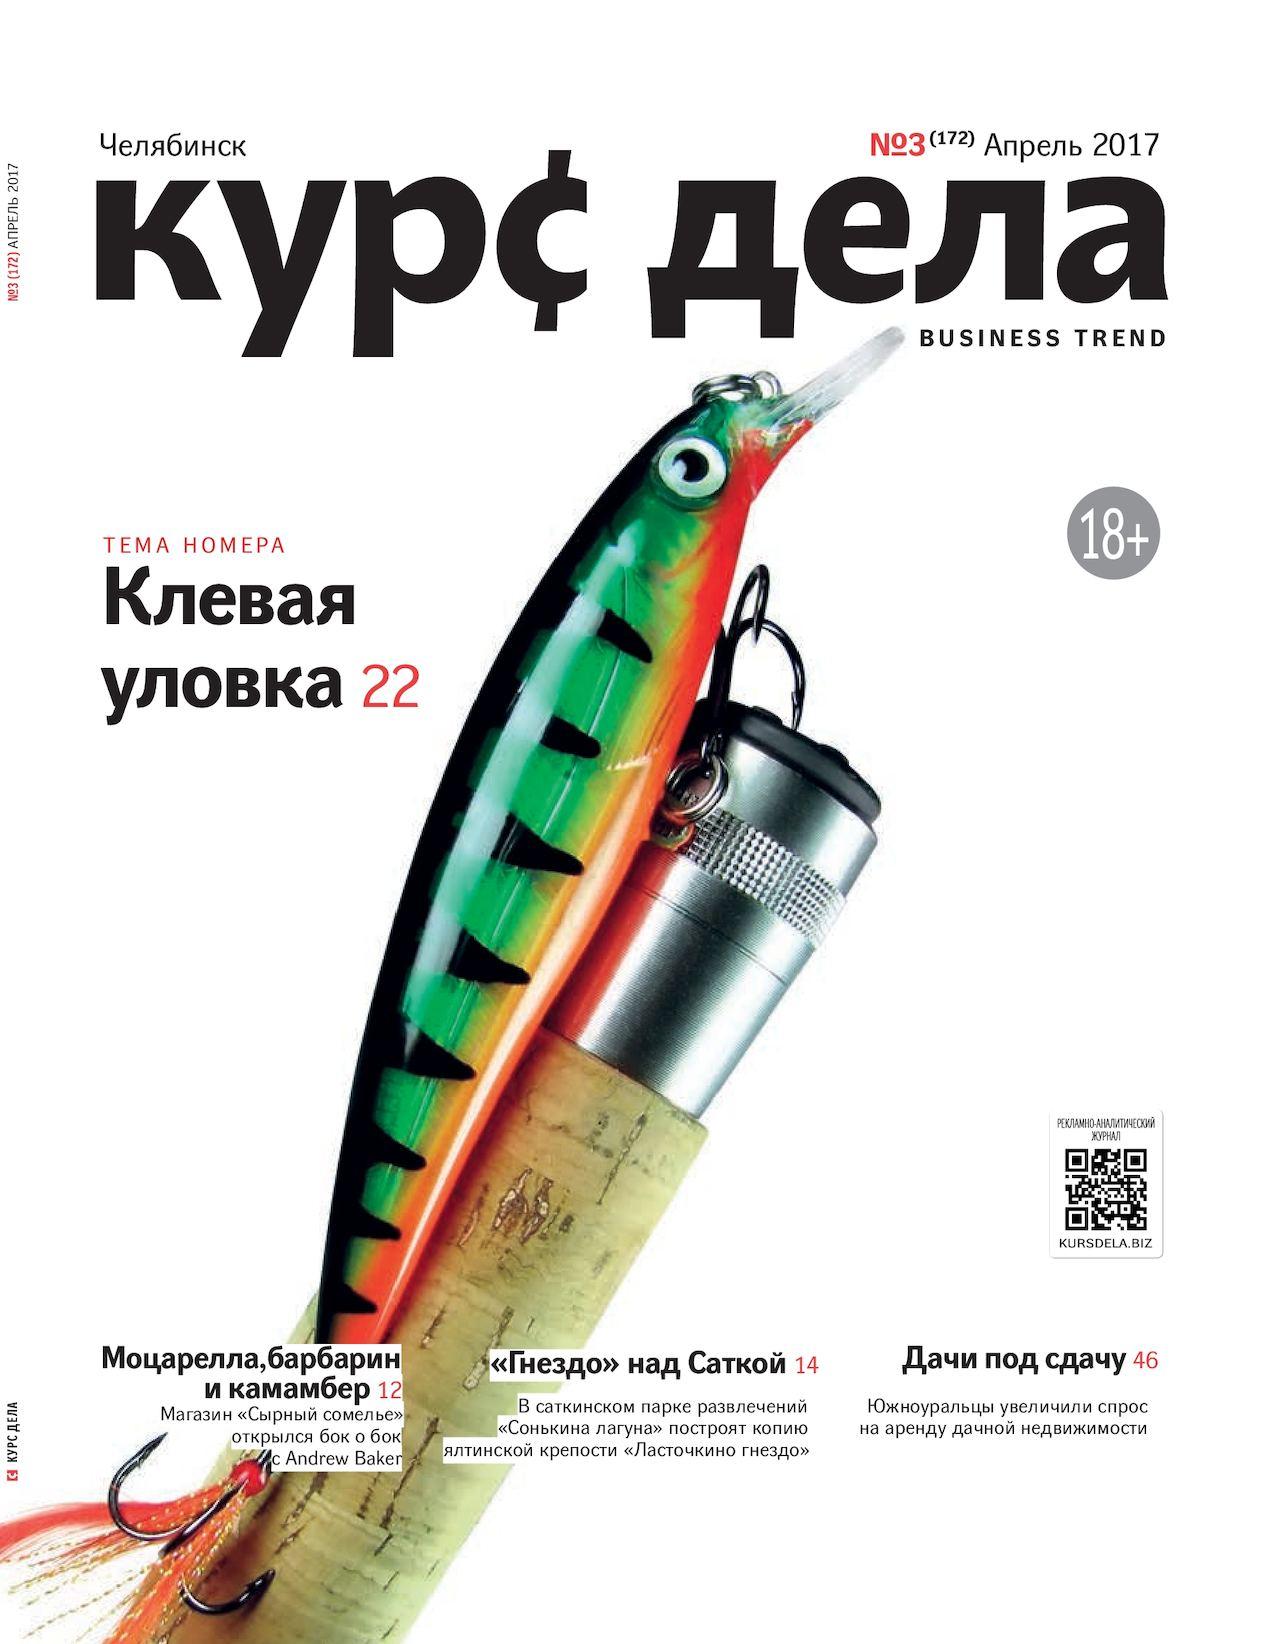 КУРС ДЕЛА №3 (172) АПРЕЛЬ 2017 ГОДА